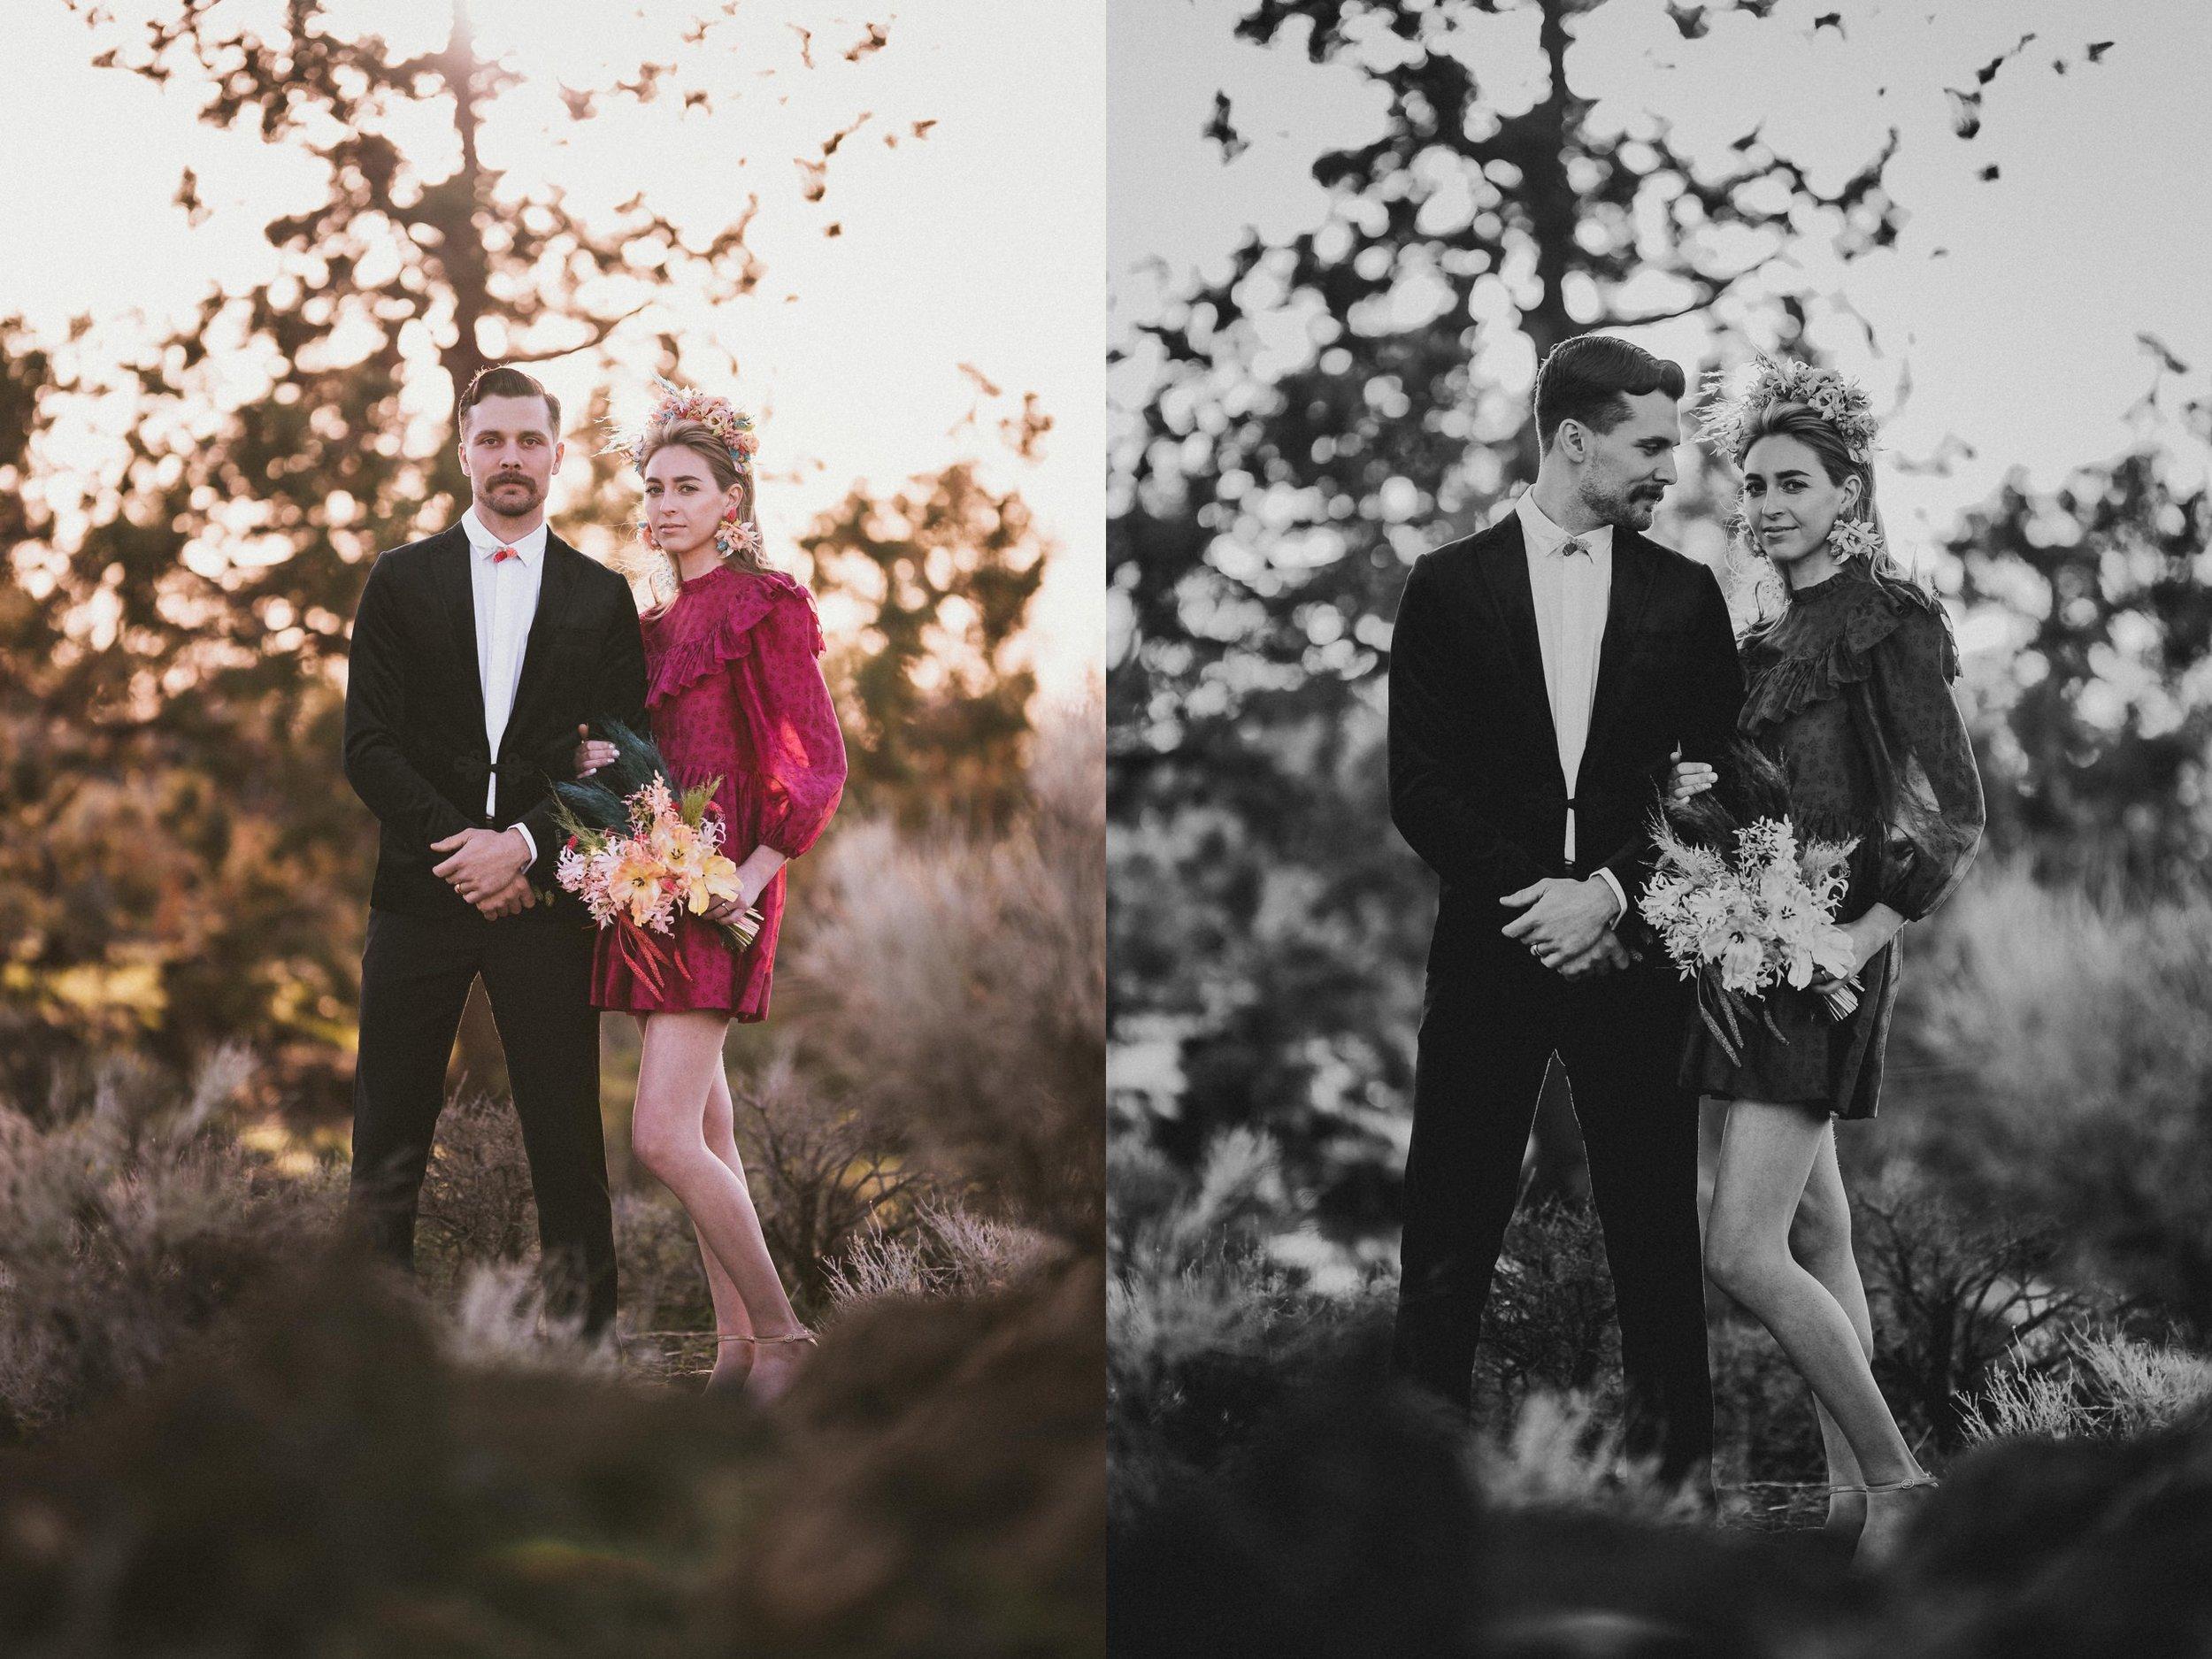 TONY-GAMBINO-PHOTOGRAPHY-BEND-OREGON-WEDDING-SHOOT_1483 Bride And Groom Portrait.jpg